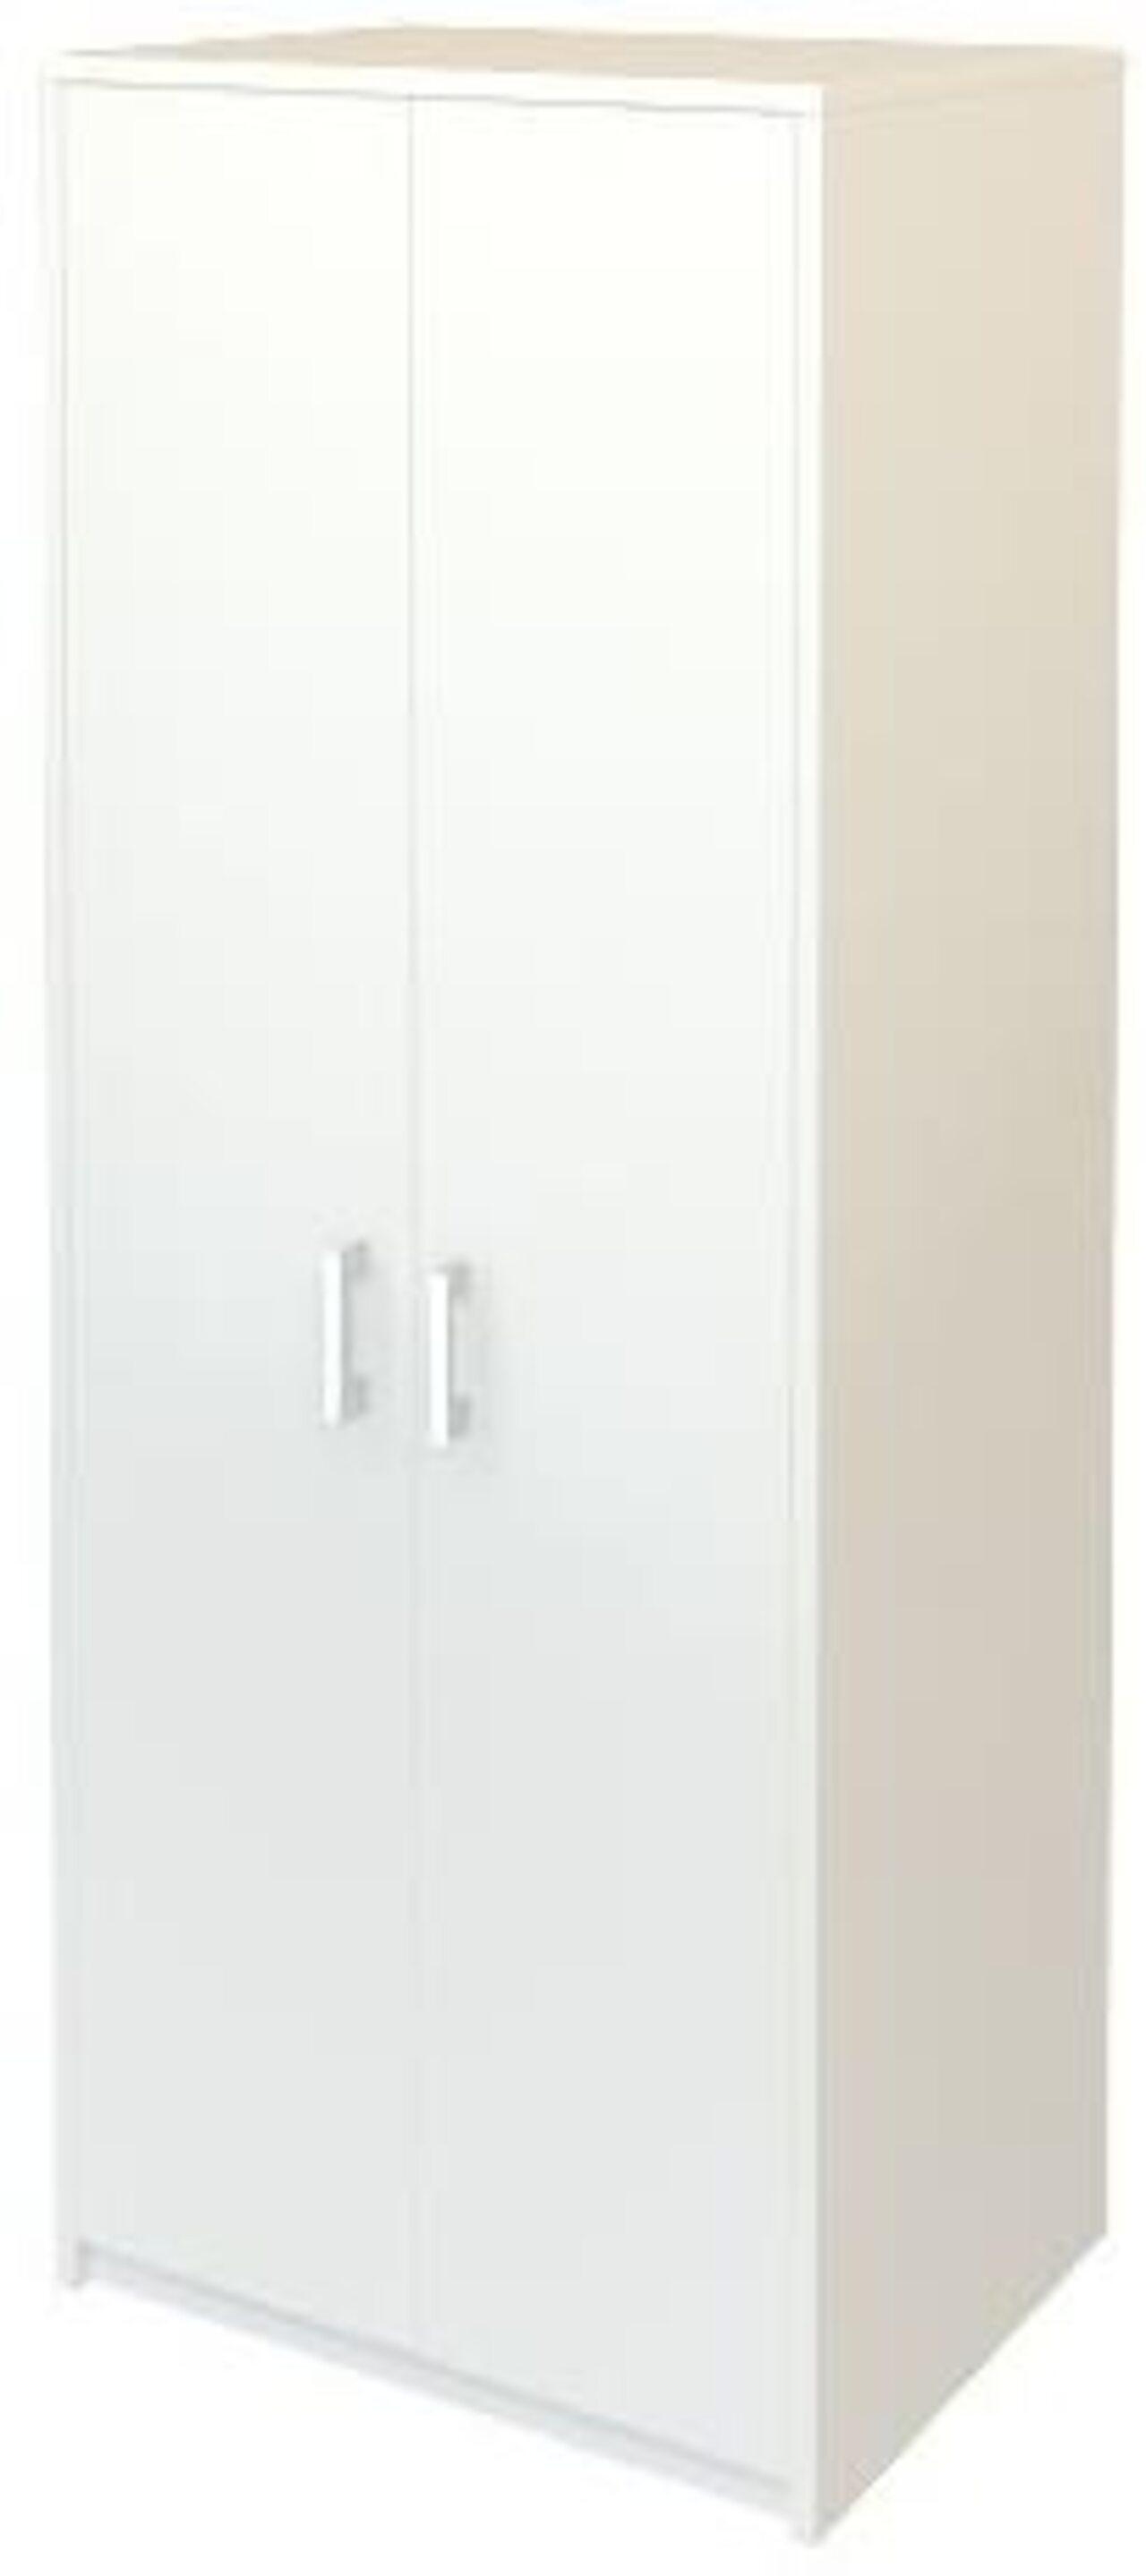 Шкаф для одежды  Арго 77x58x200 - фото 1